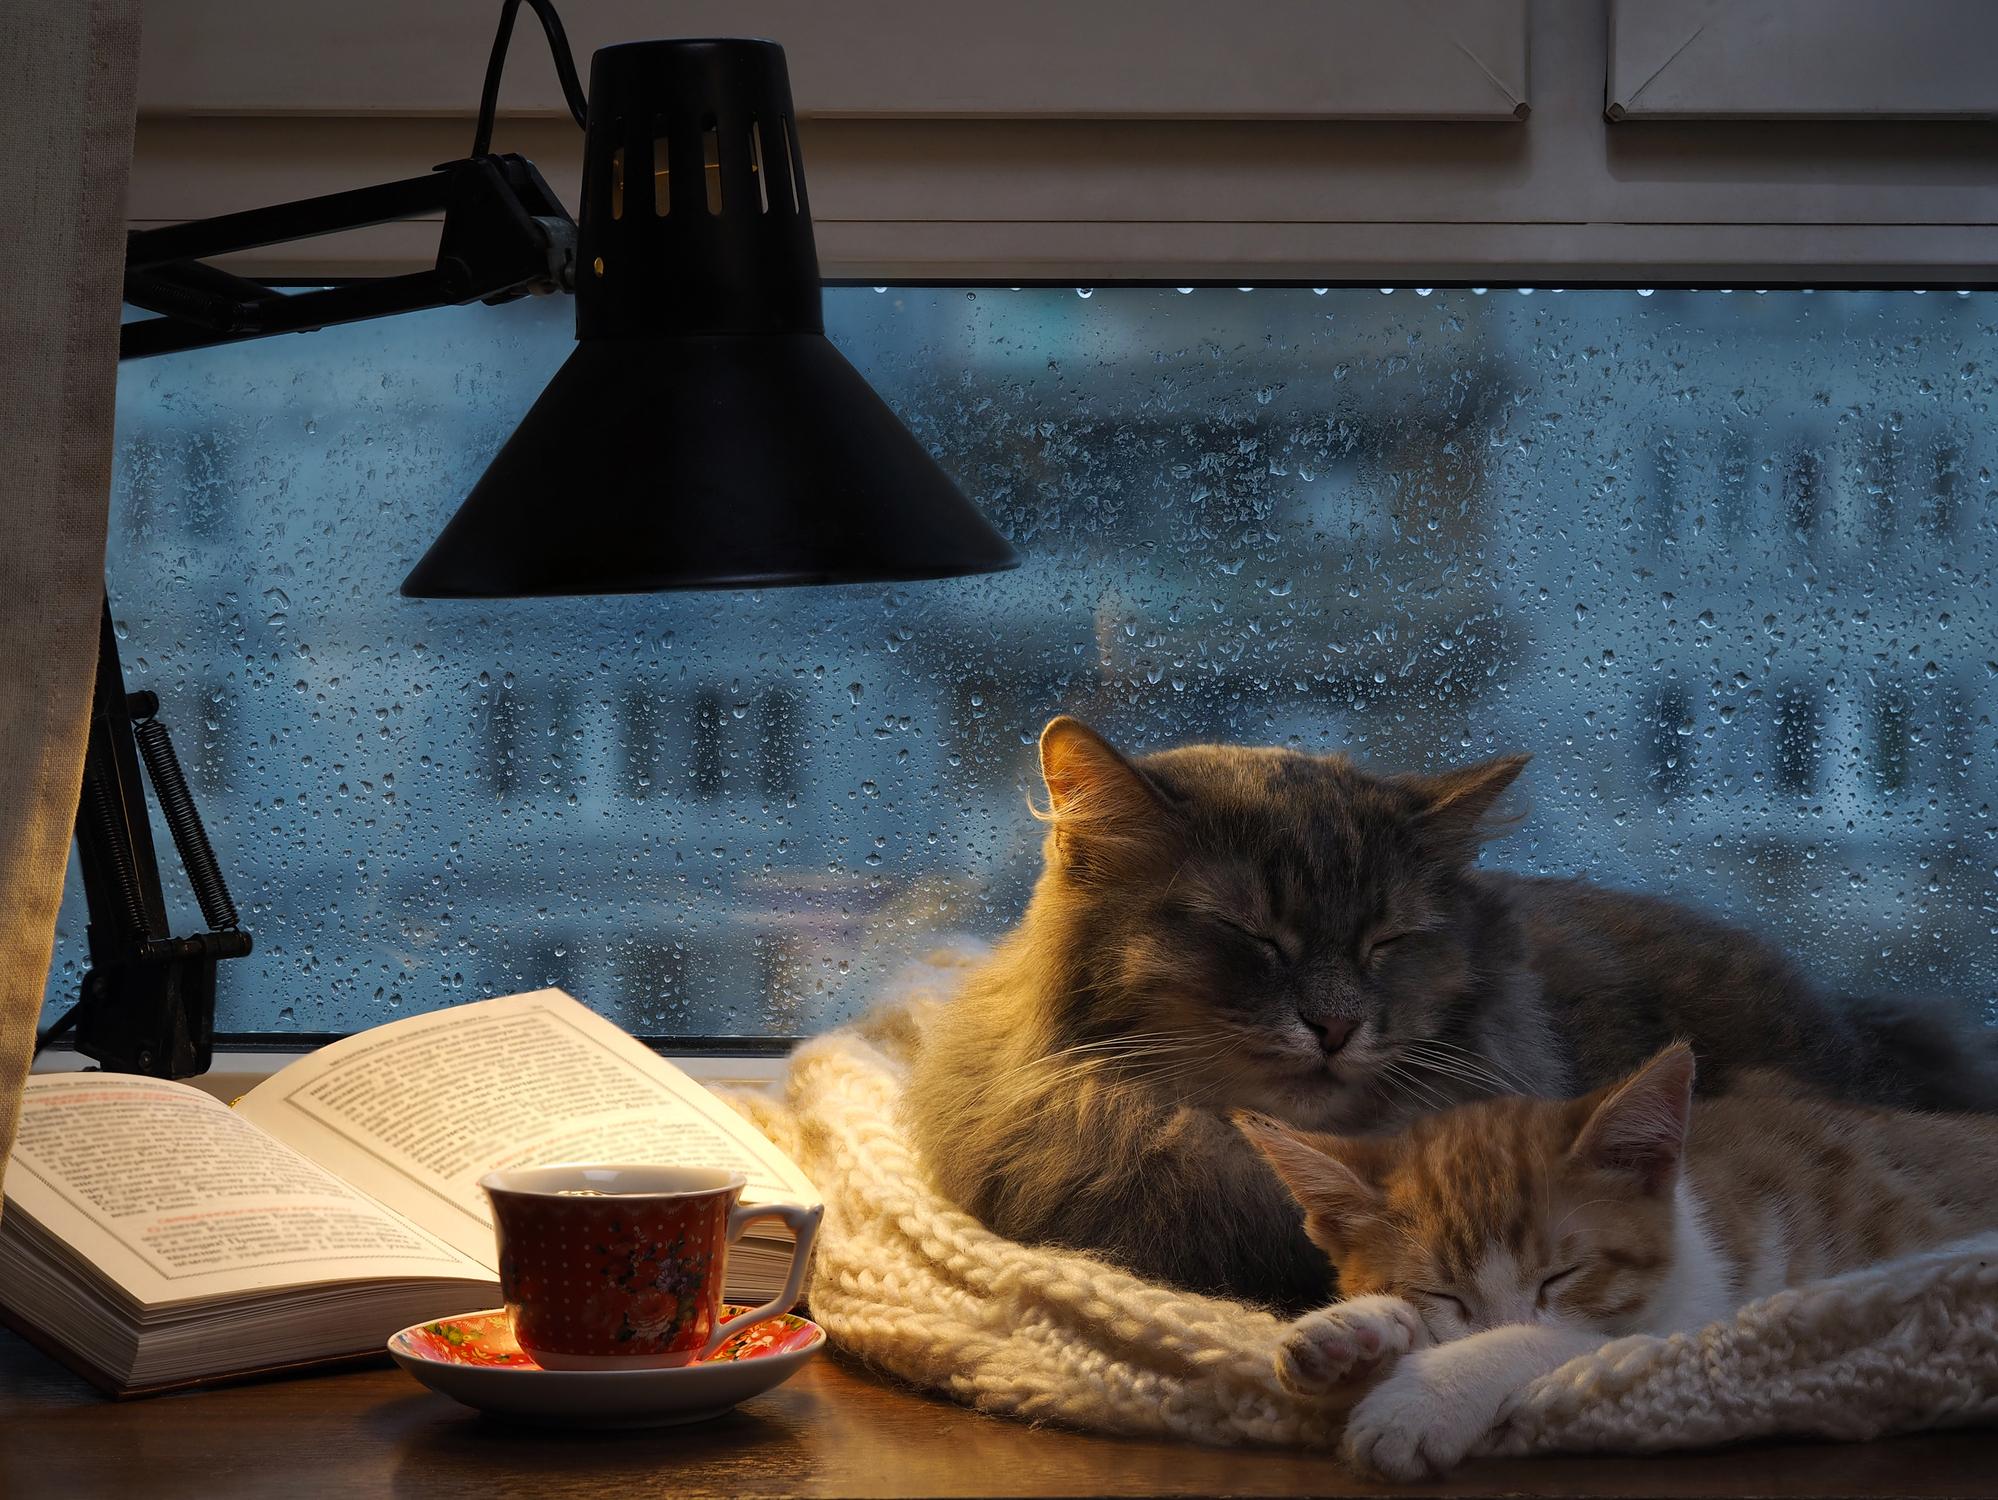 8 tipps das sollten sie ber alte katzen wissen aus liebe zum haustier. Black Bedroom Furniture Sets. Home Design Ideas